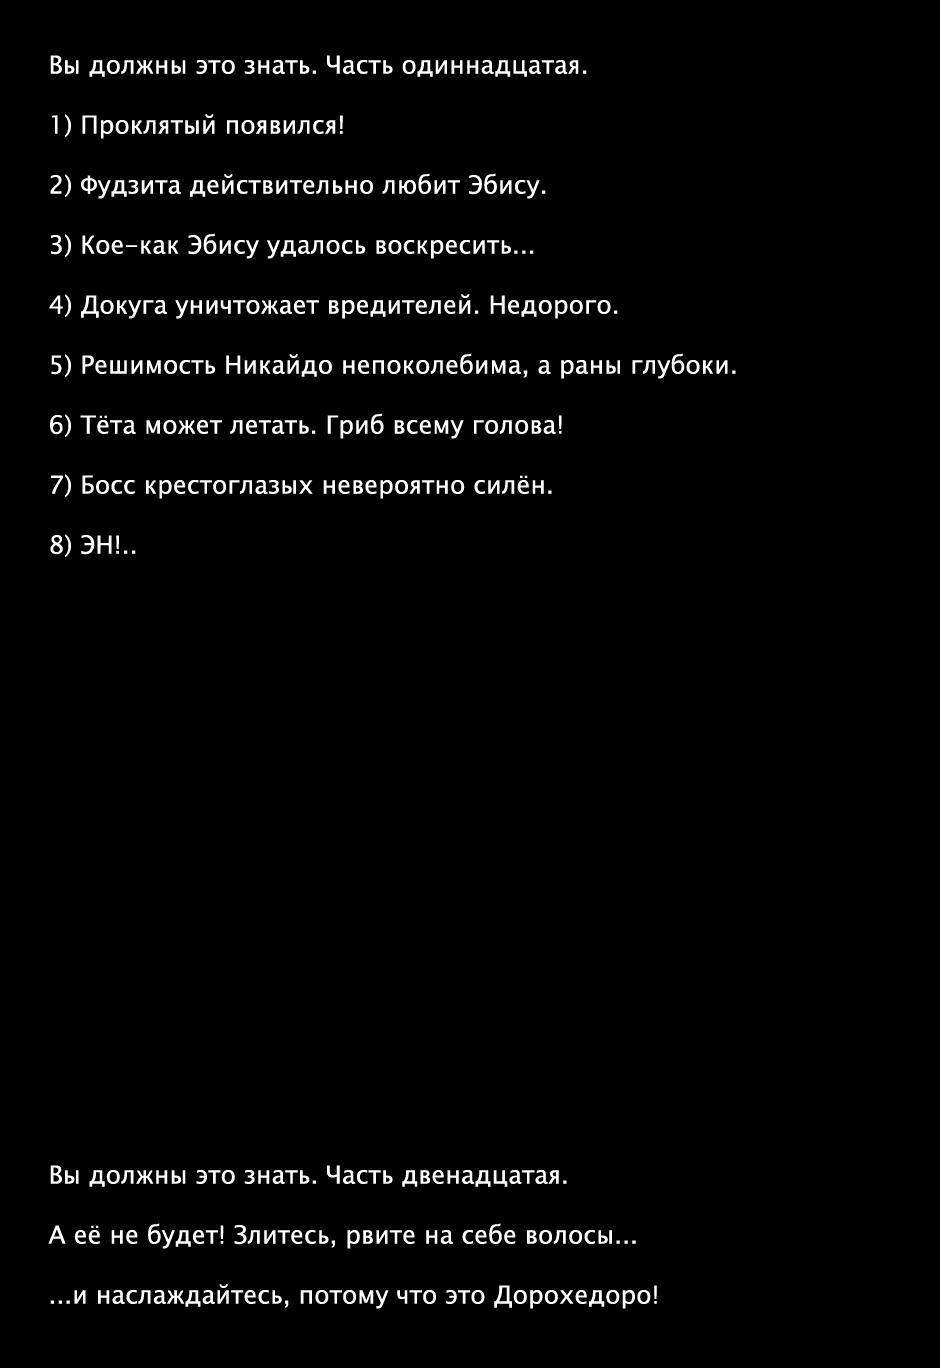 Манга Дорохедоро / Dorohedoro - Том 11 Страница 17